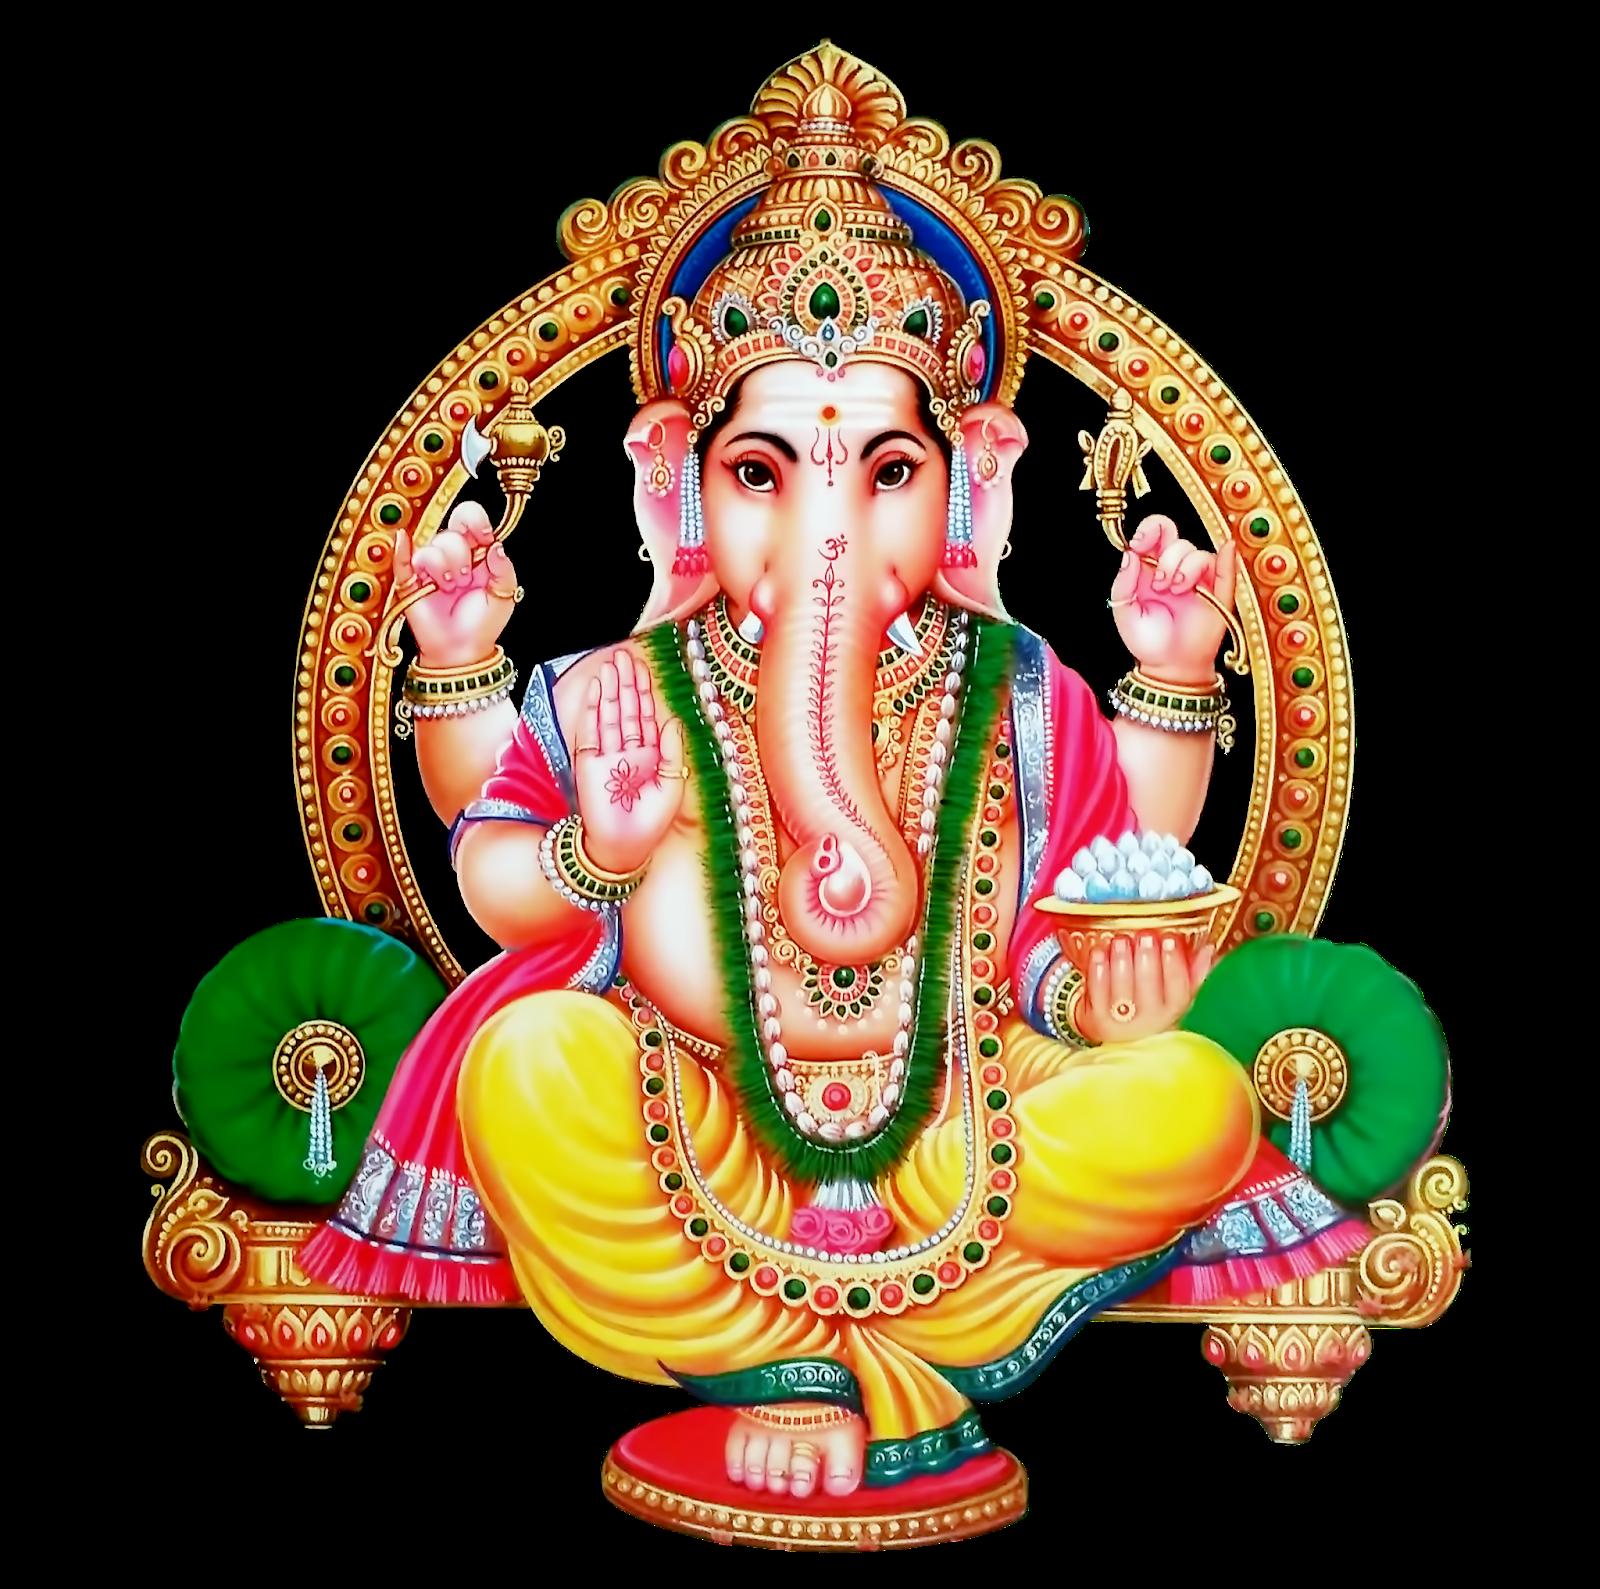 God Ganesh png images Transparent Backgound.